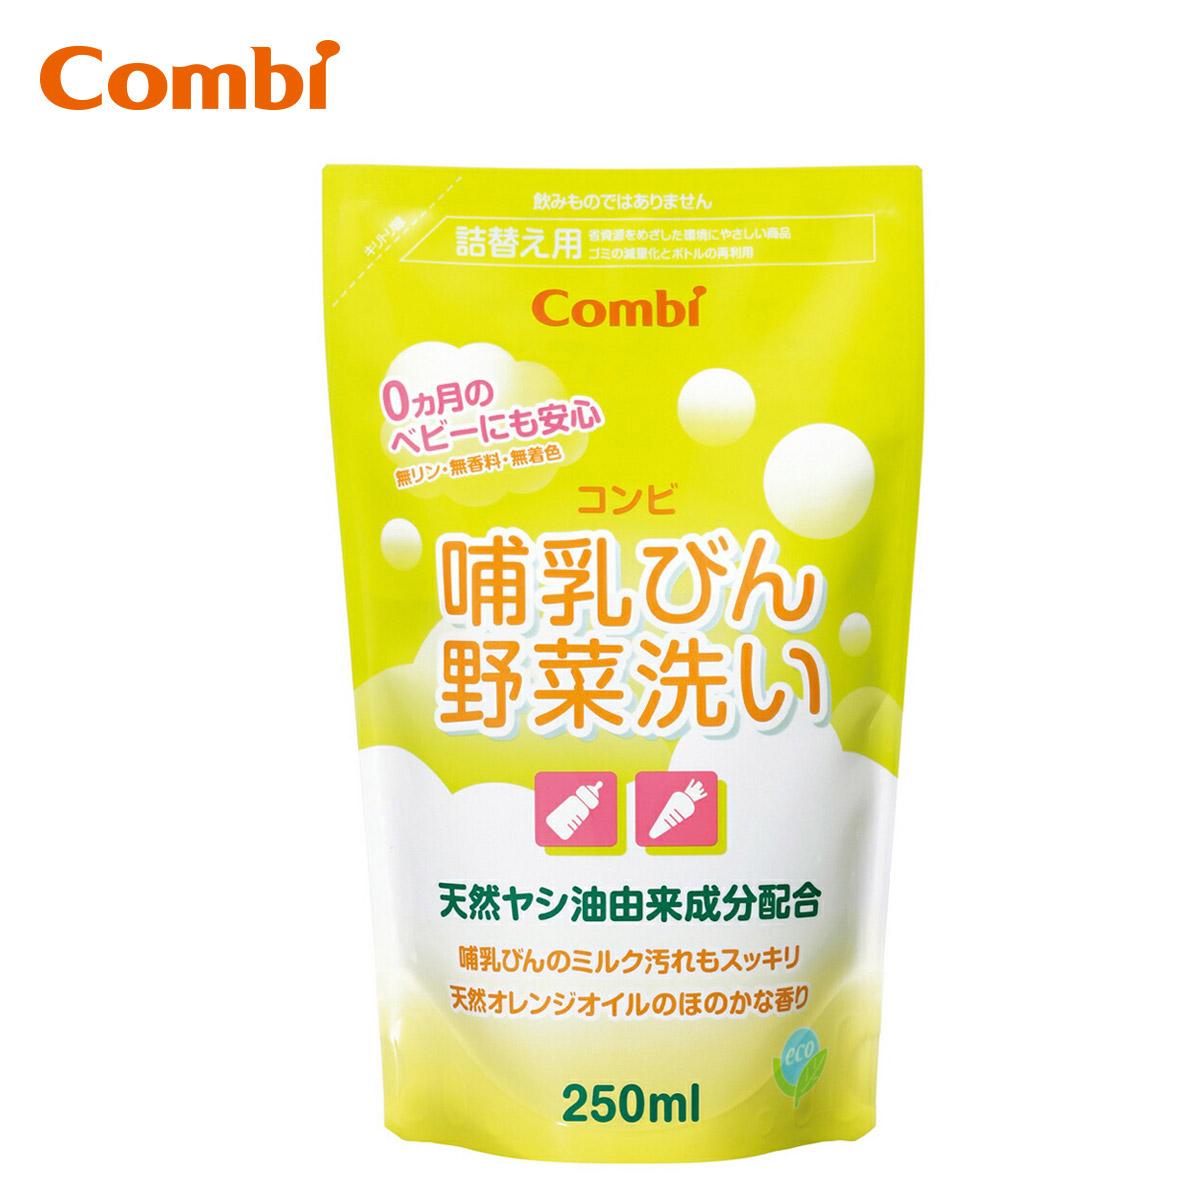 安い 28%OFF 公式 Combi 哺乳びん野菜洗い 詰替え用 250ml 哺乳瓶 コンビ ベビー 新生児 洗剤 ご注文で当日配送